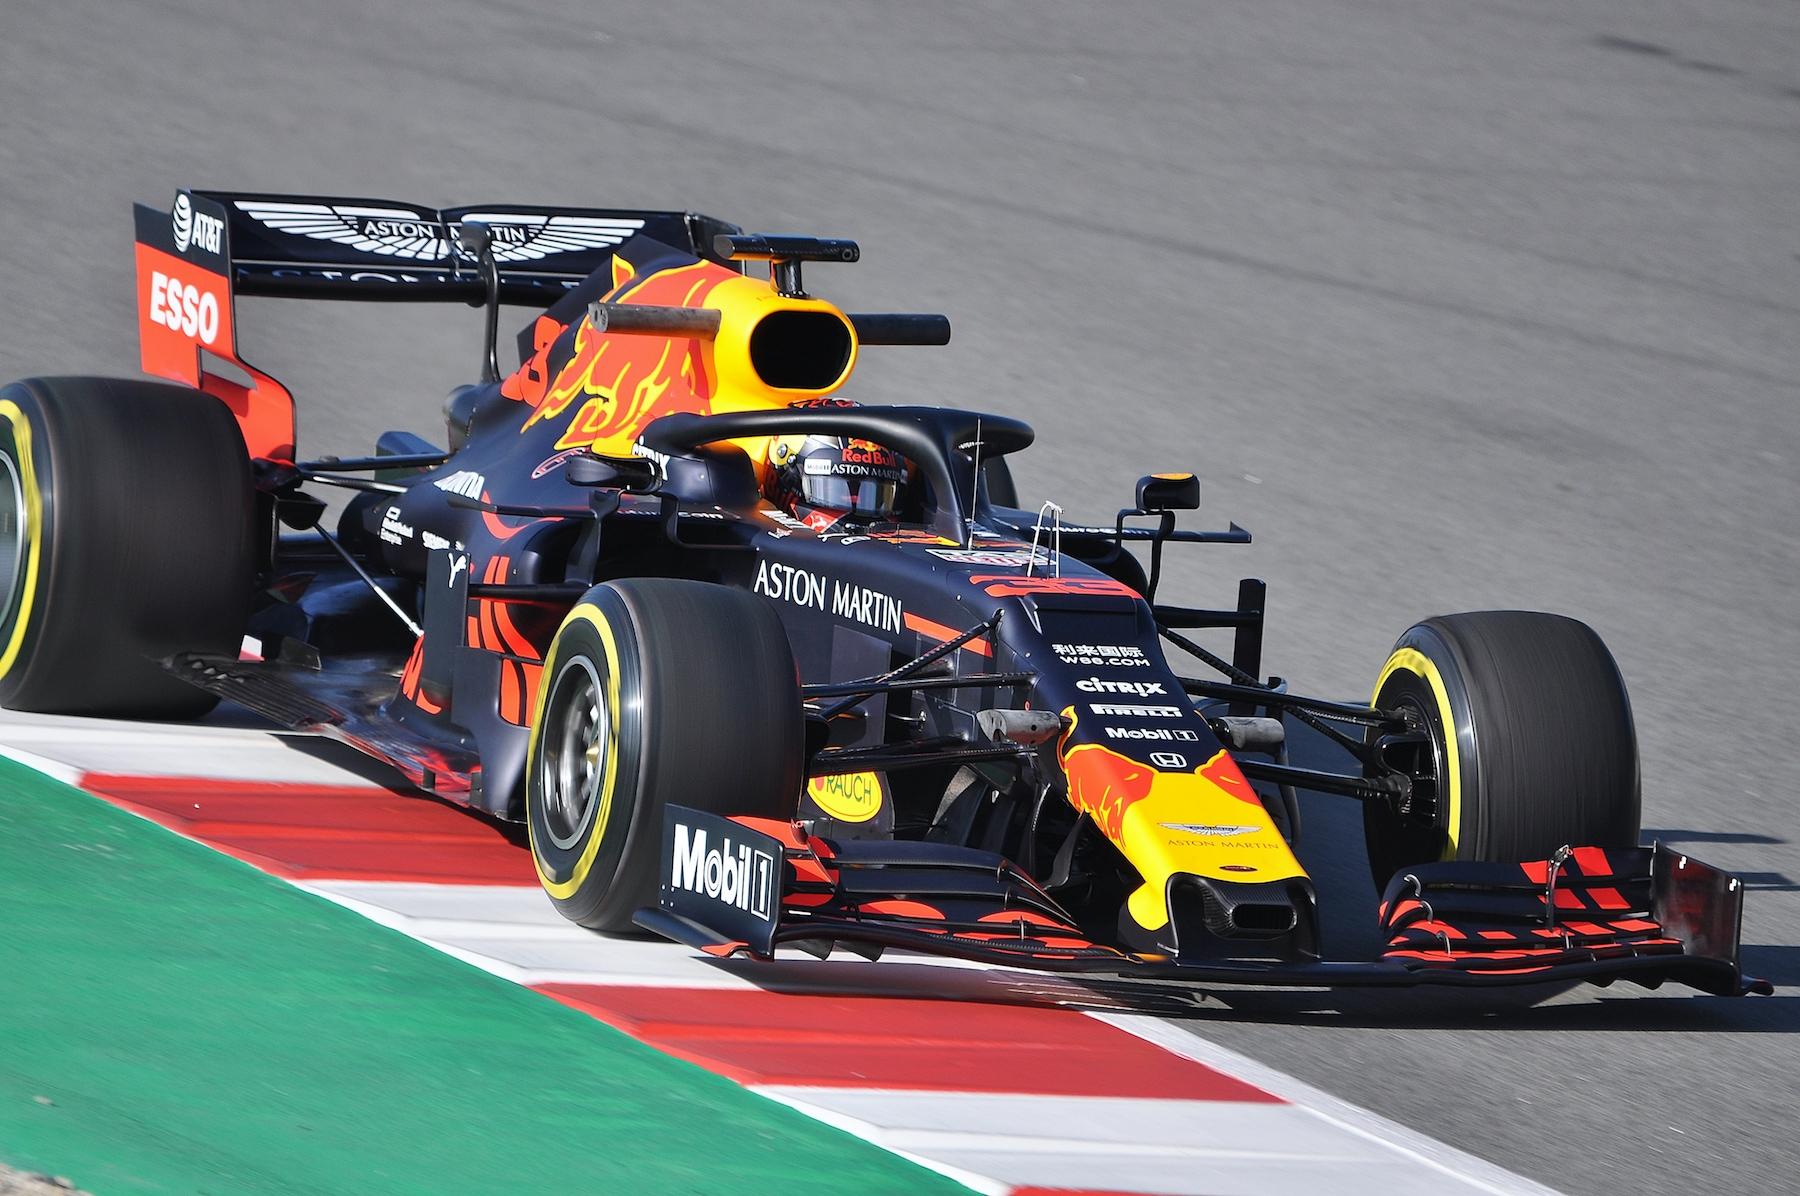 Max Verstappen-Red Bull